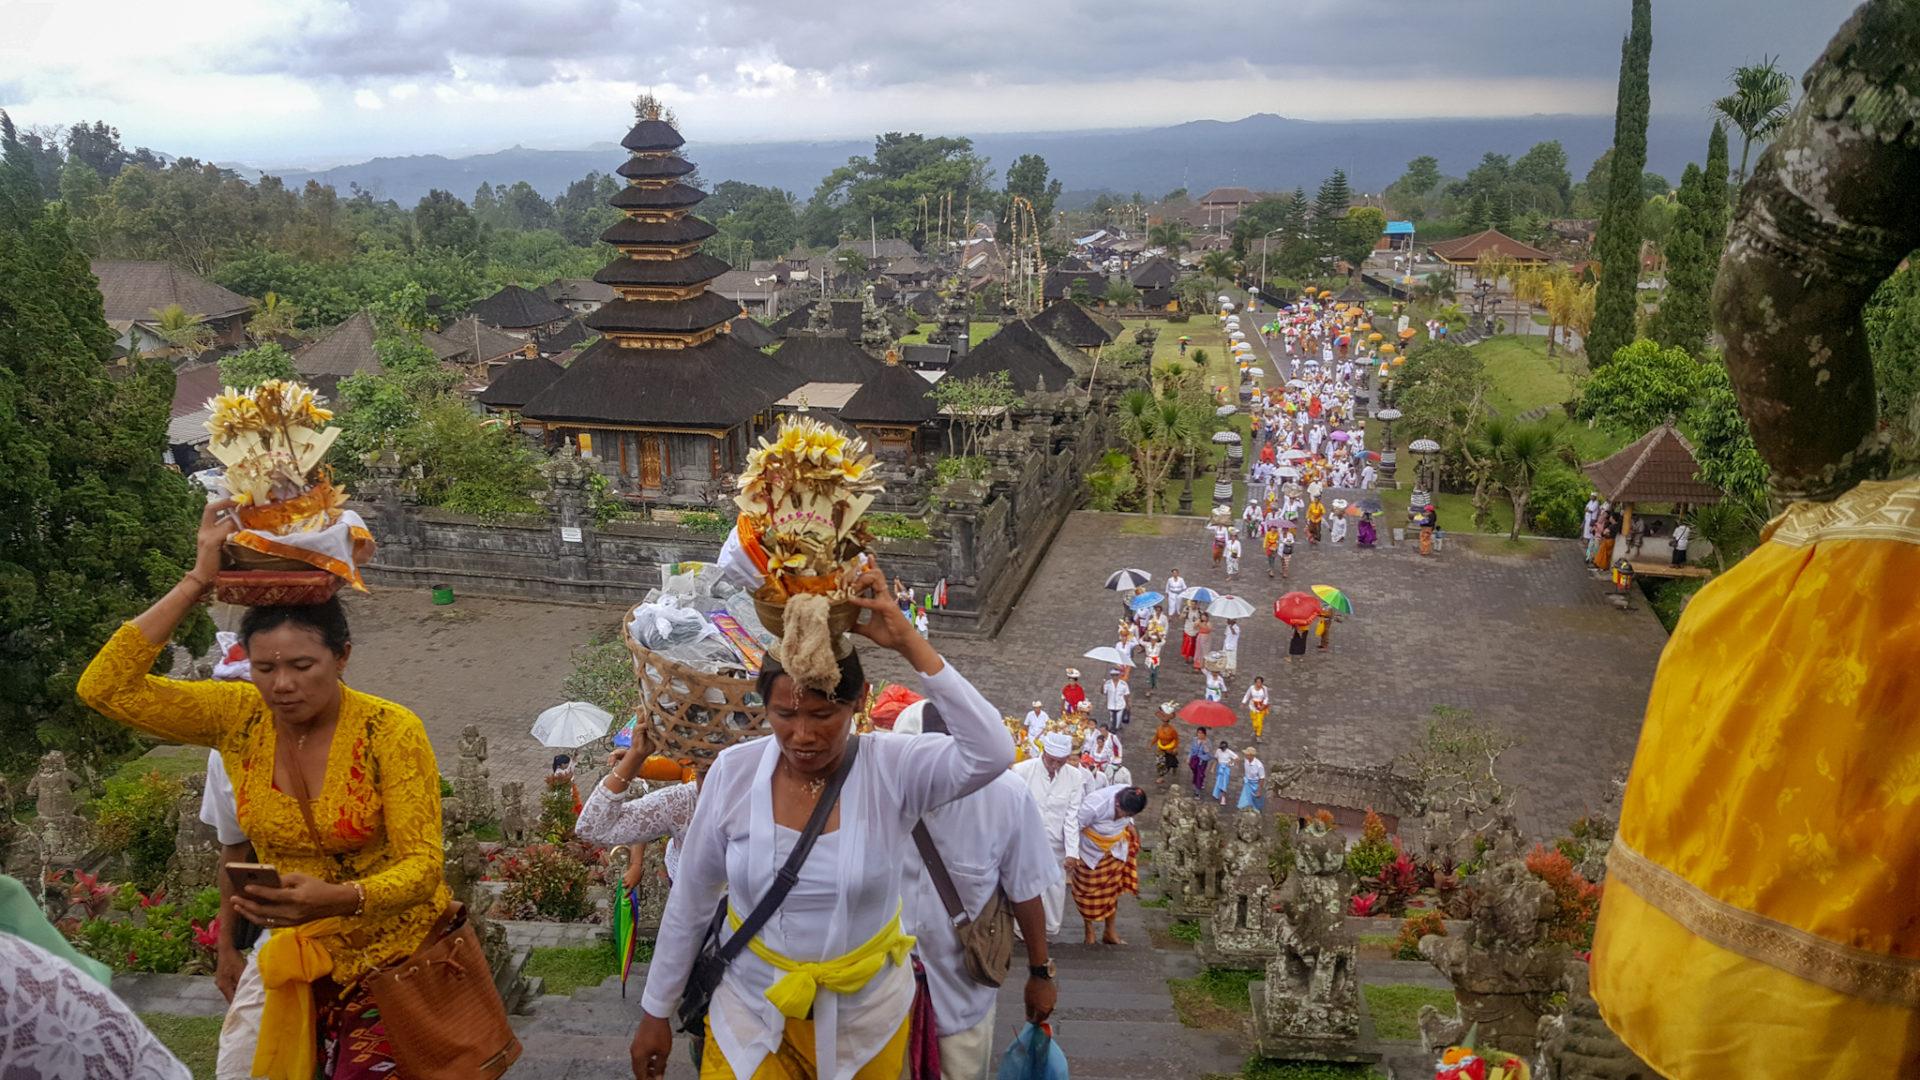 cosa vedere a bali_cerimonia al tempio madre